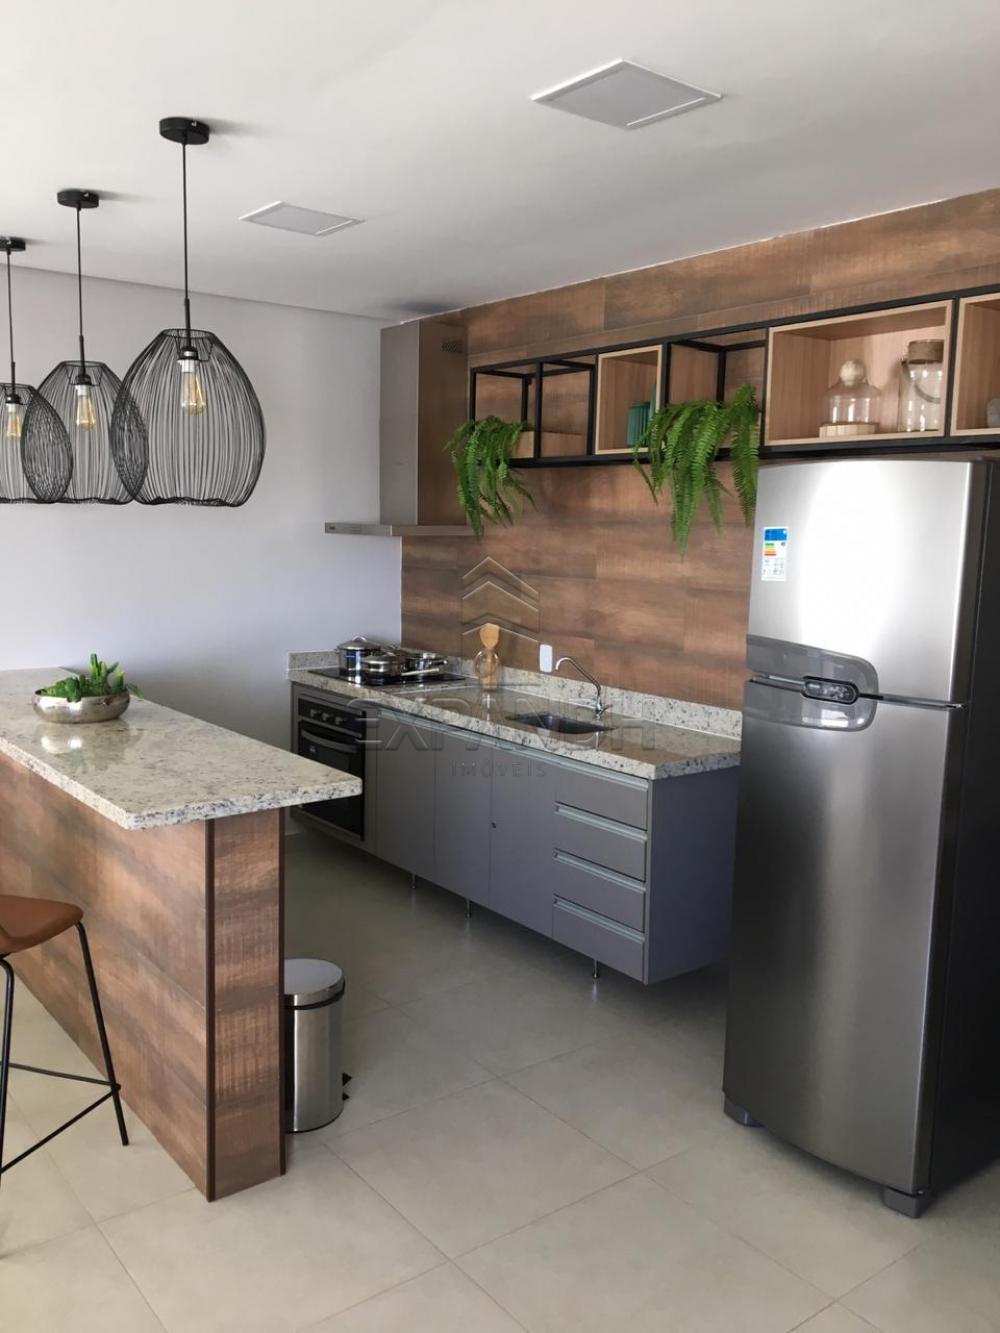 Alugar Apartamentos / Padrão em Sertãozinho R$ 600,00 - Foto 28